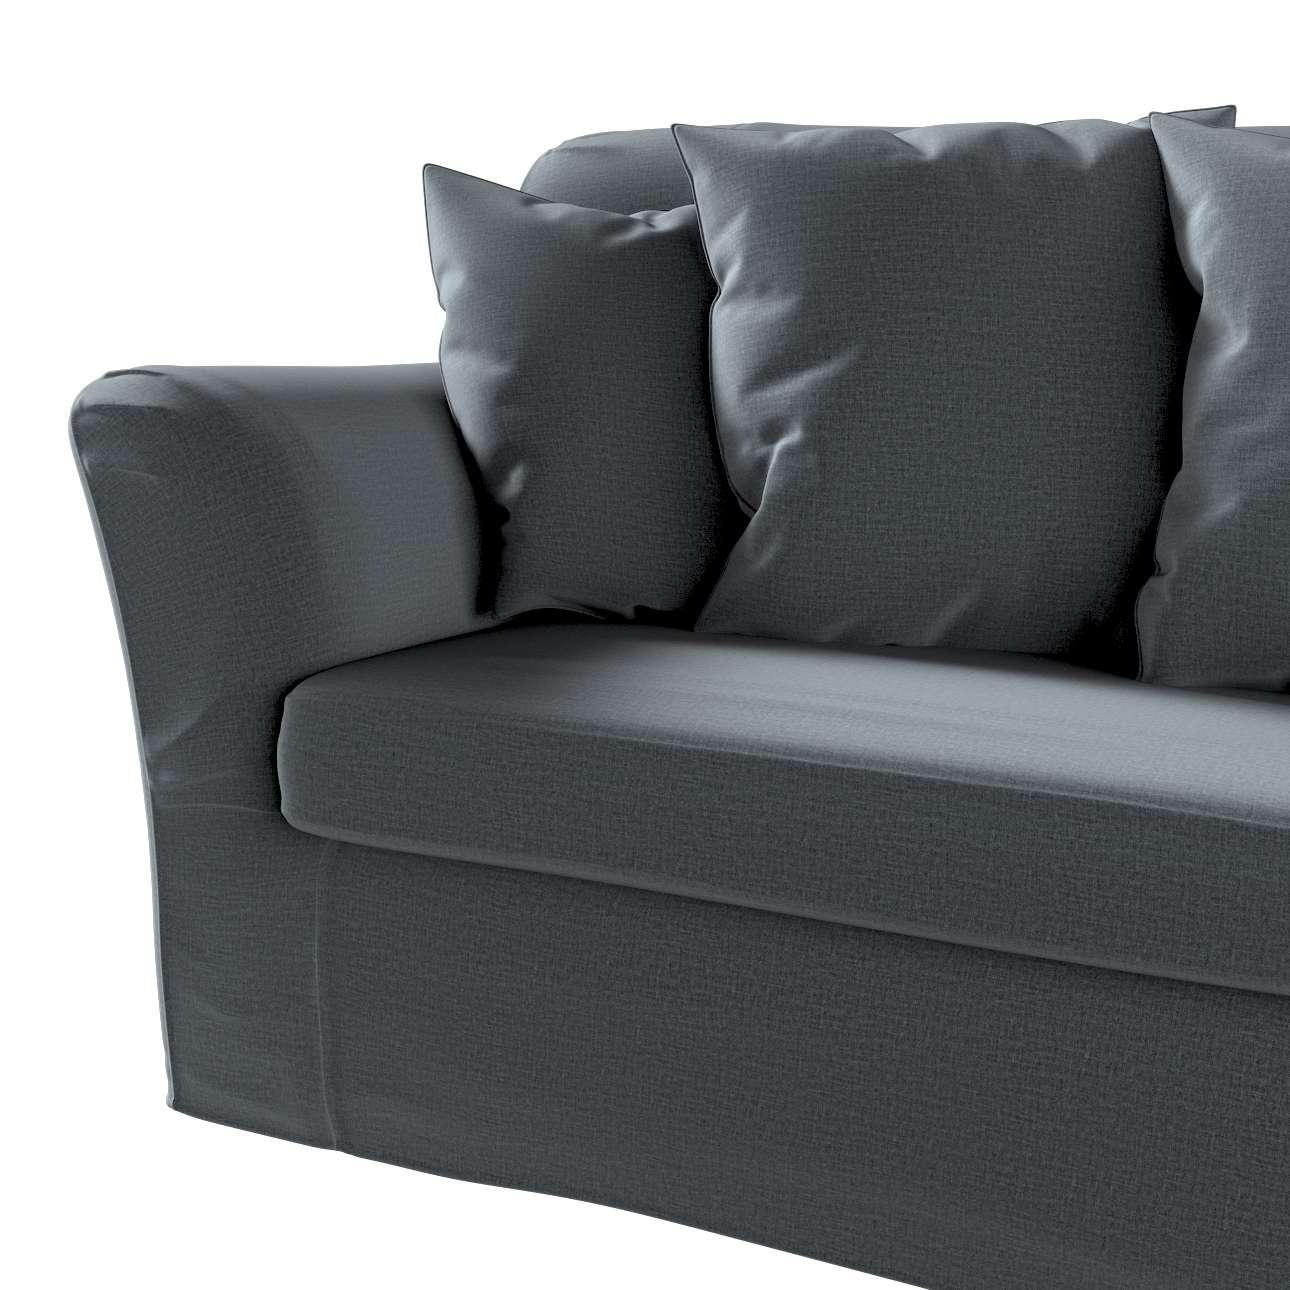 Pokrowiec na sofę Tomelilla 3-osobową rozkładaną w kolekcji Ingrid, tkanina: 705-43